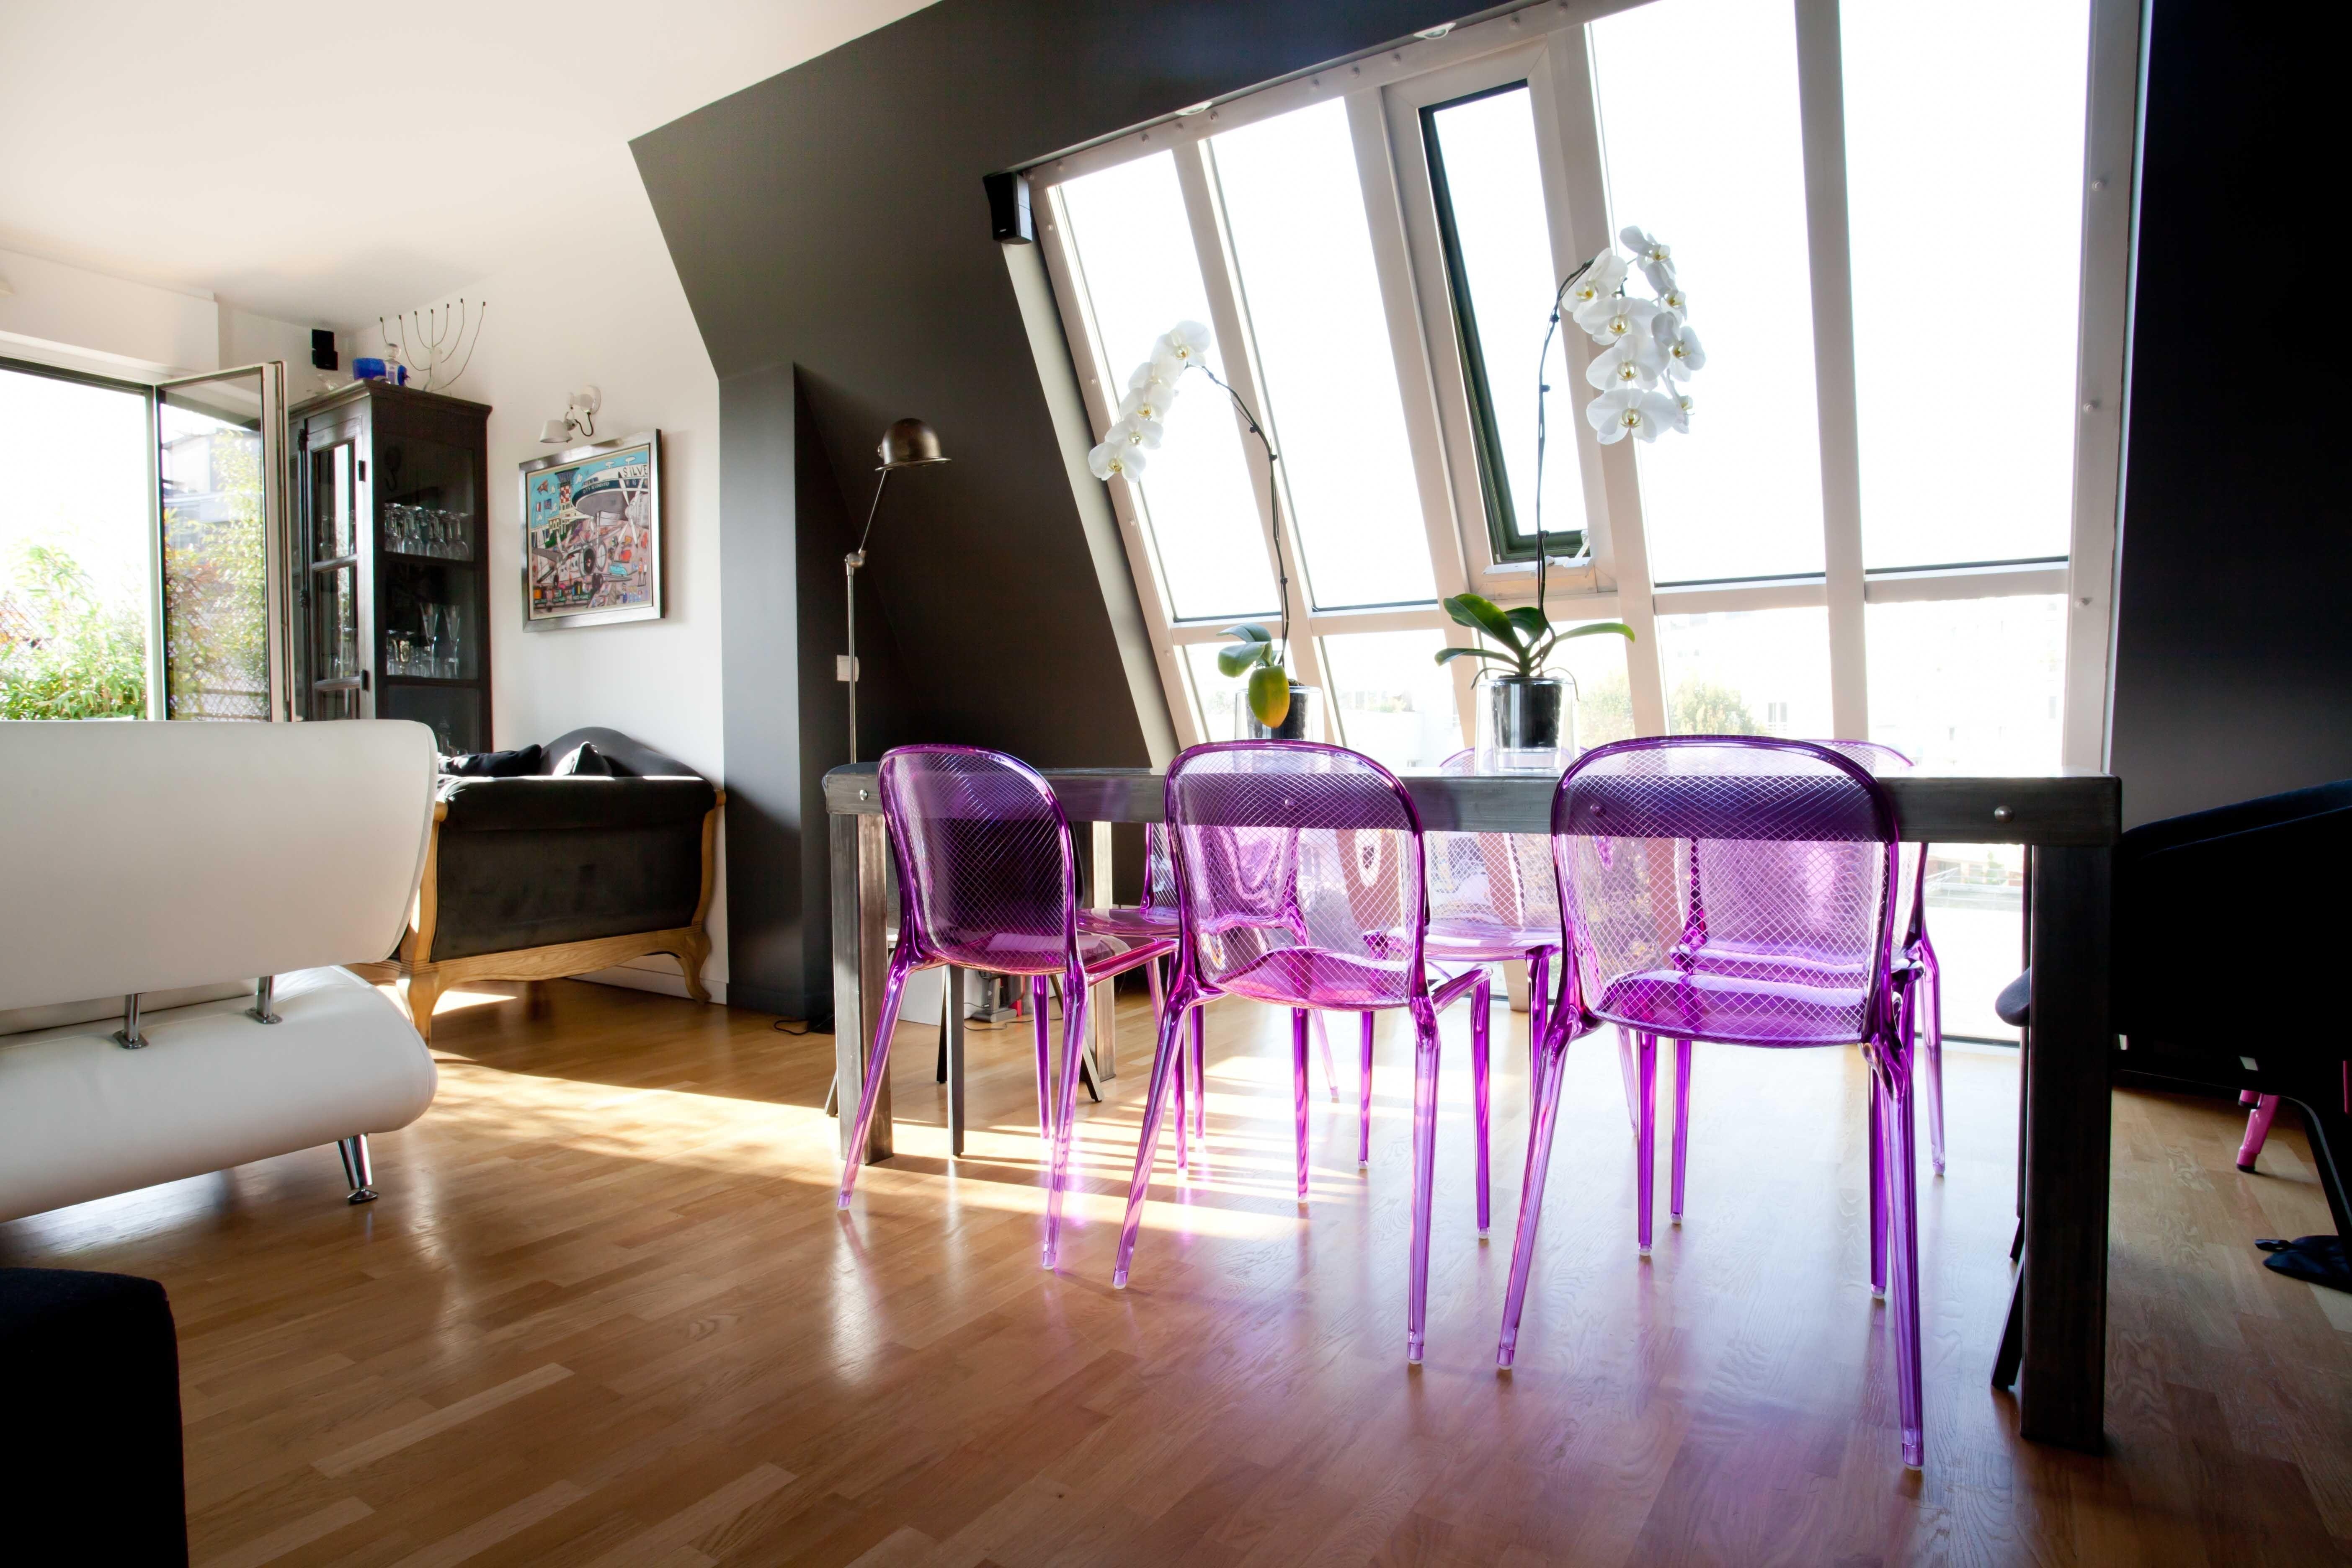 Salle À Manger Sous Verrière : Table De Repas En Métal Réalisée Sur In Most Recent Bale 7 Piece Dining Sets With Dom Side Chairs (View 10 of 20)